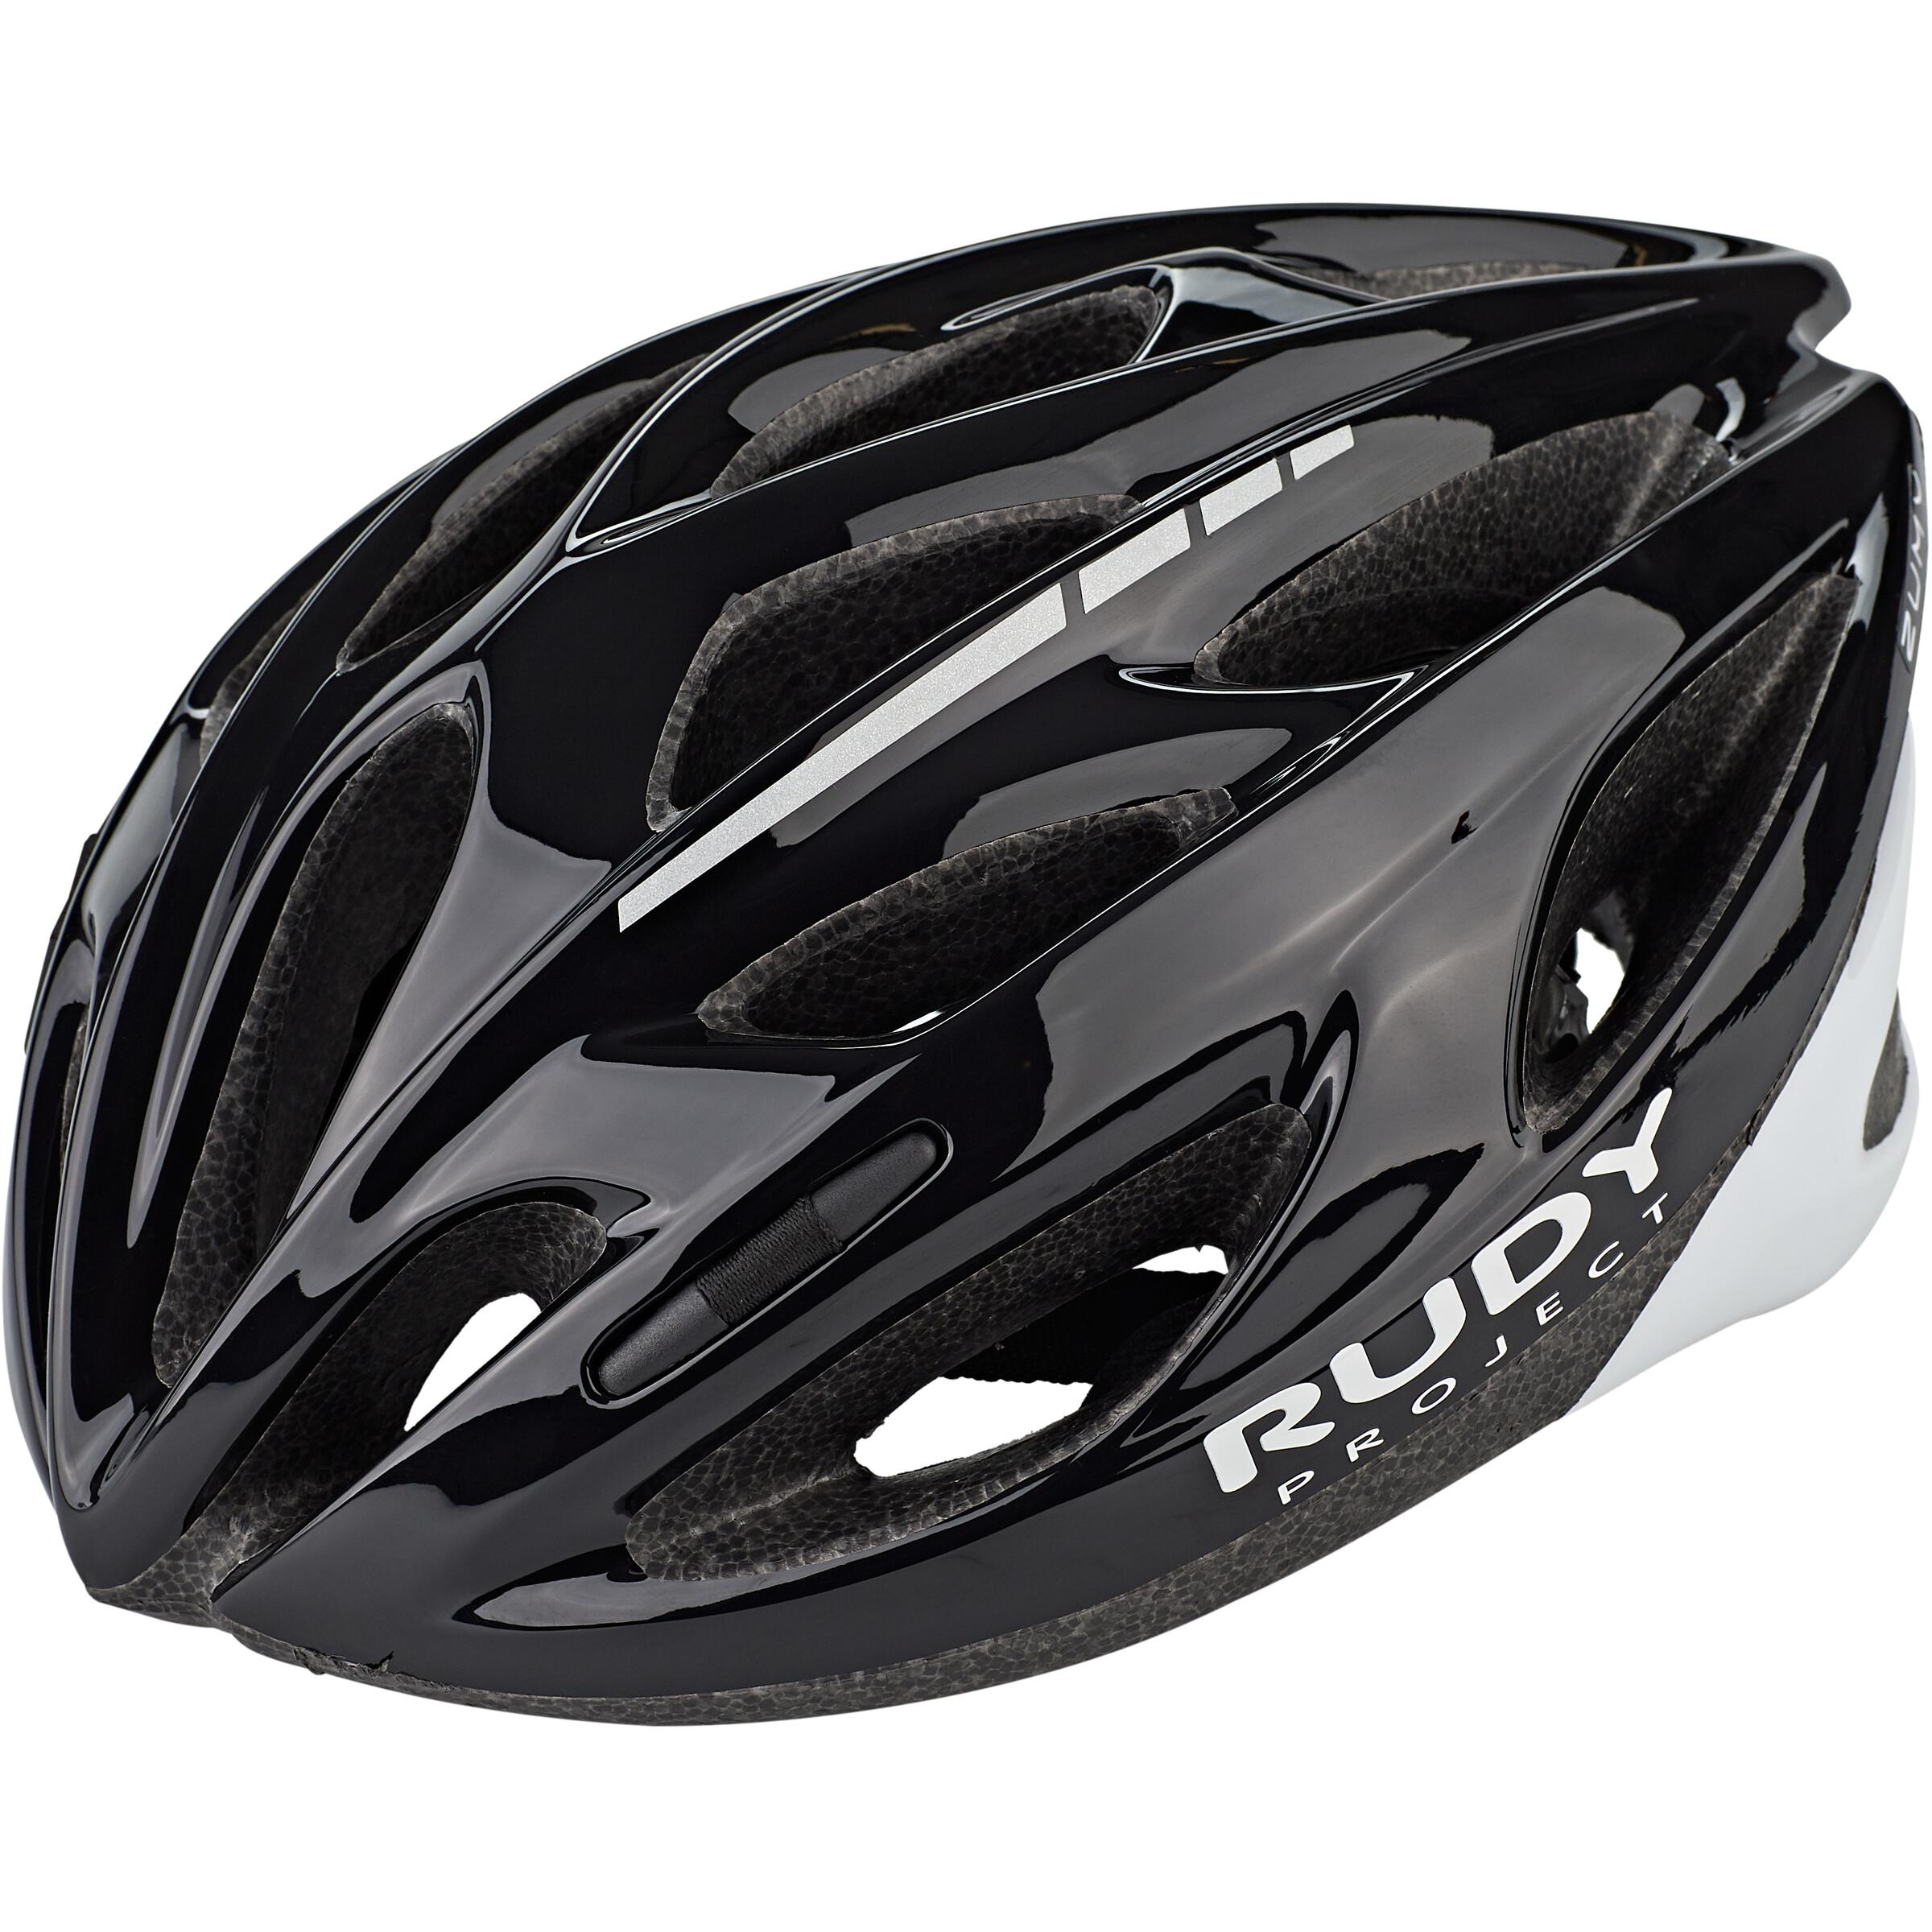 Günstiger und stylischer Rennrad Helm von Rudy Project